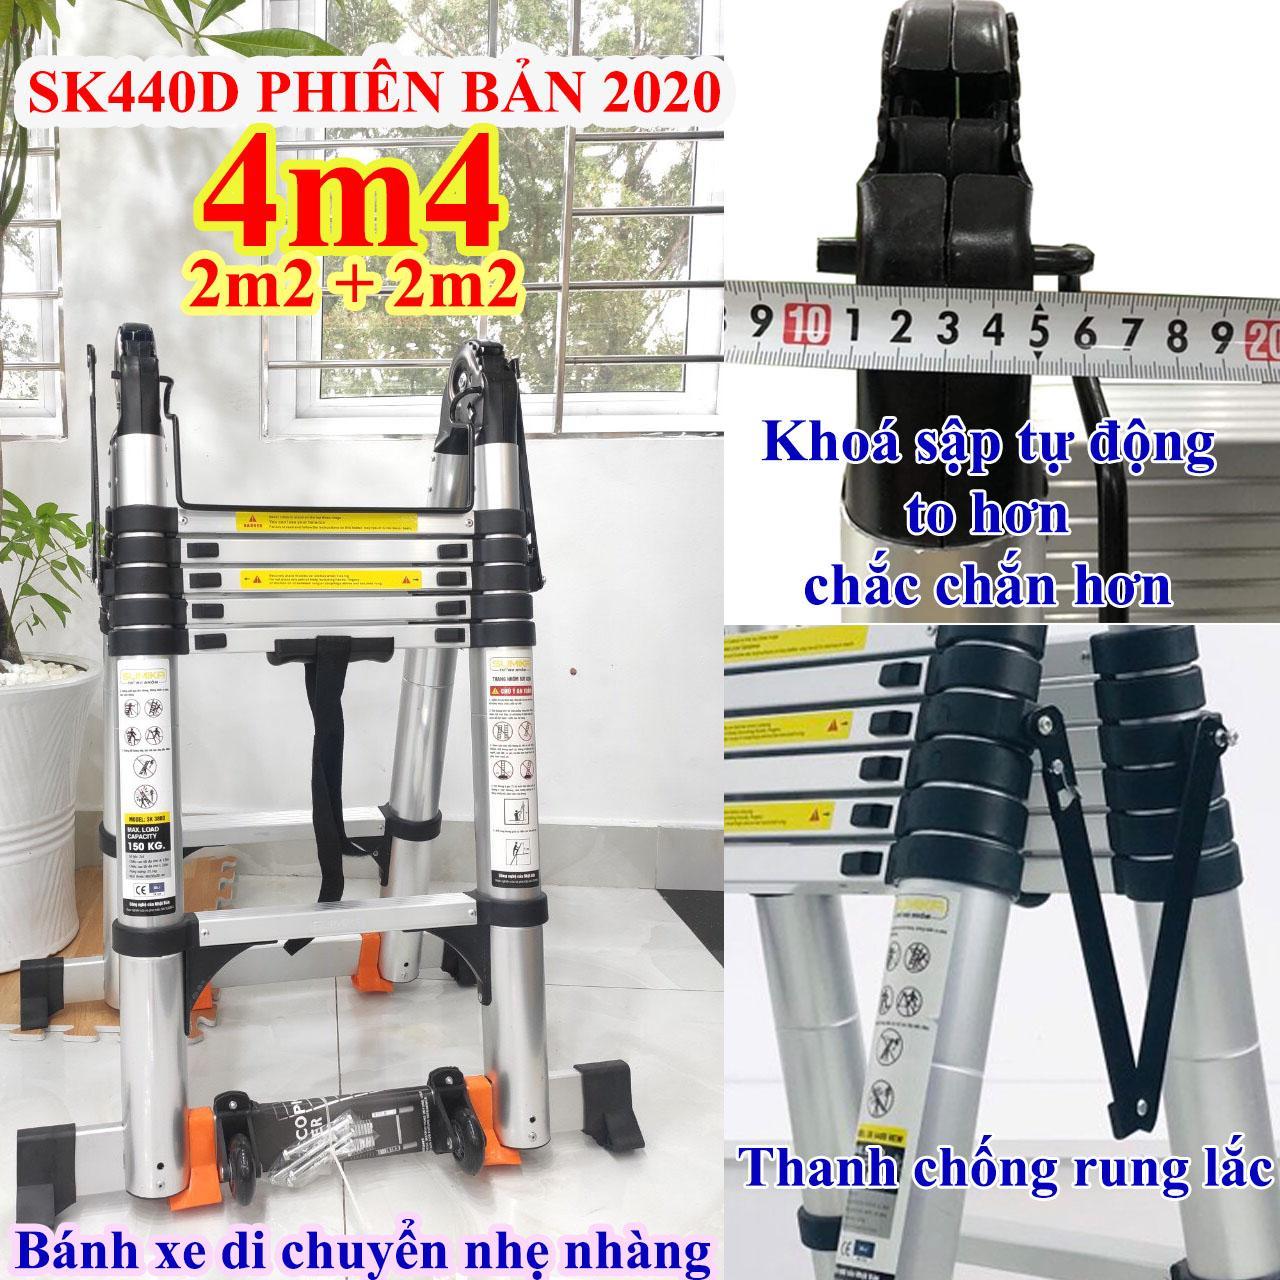 Thang nhôm rút đôi 4m4 (2m2 + 2m2) Sumika SK440D